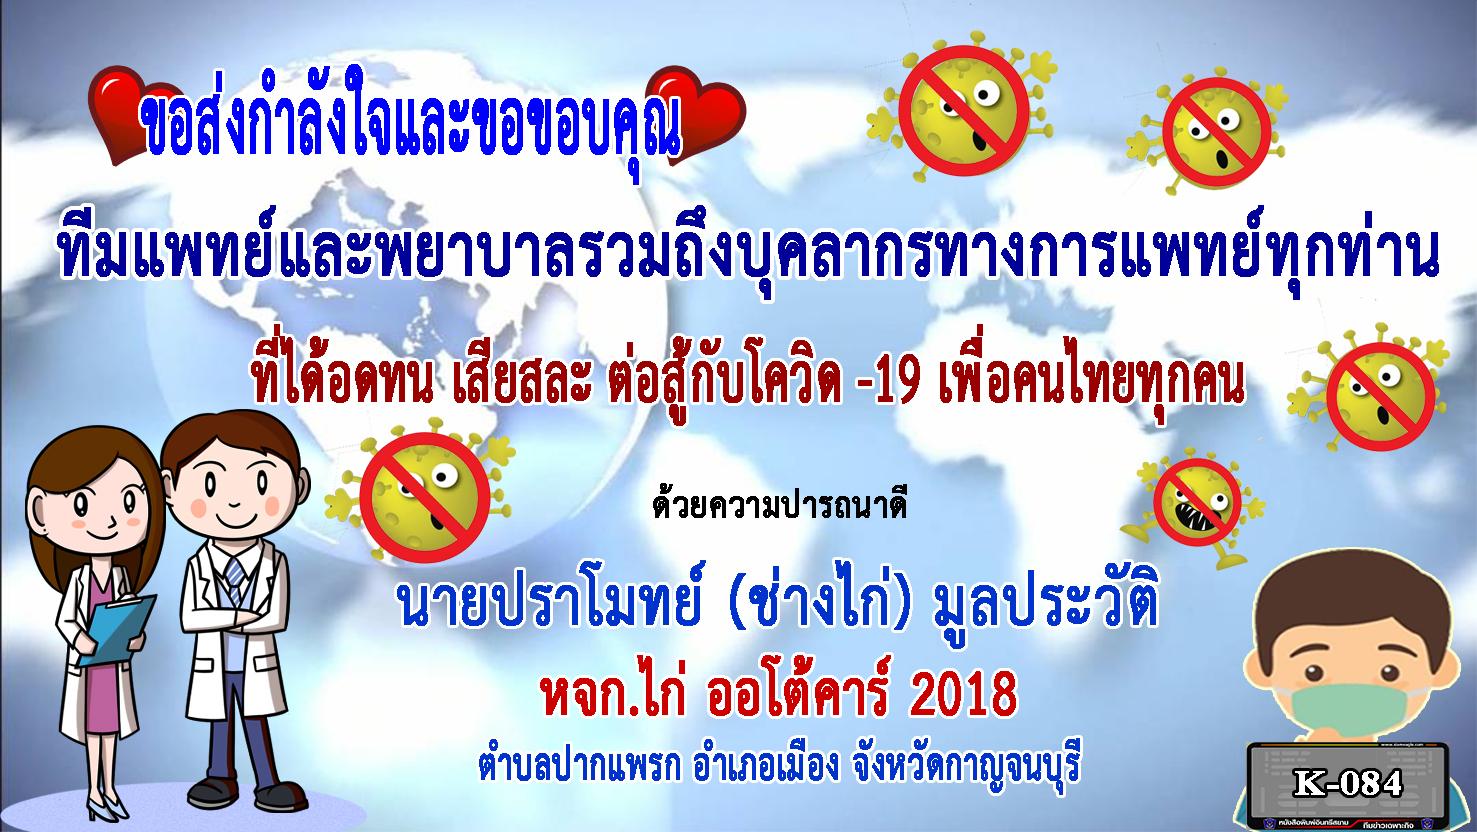 กาญจนบุรี-หจก.ไก่ ออโต้คาร์ 2018 ส่งกำลังใจทีมแพทย์ฝ่าวิกฤตโควิด-19